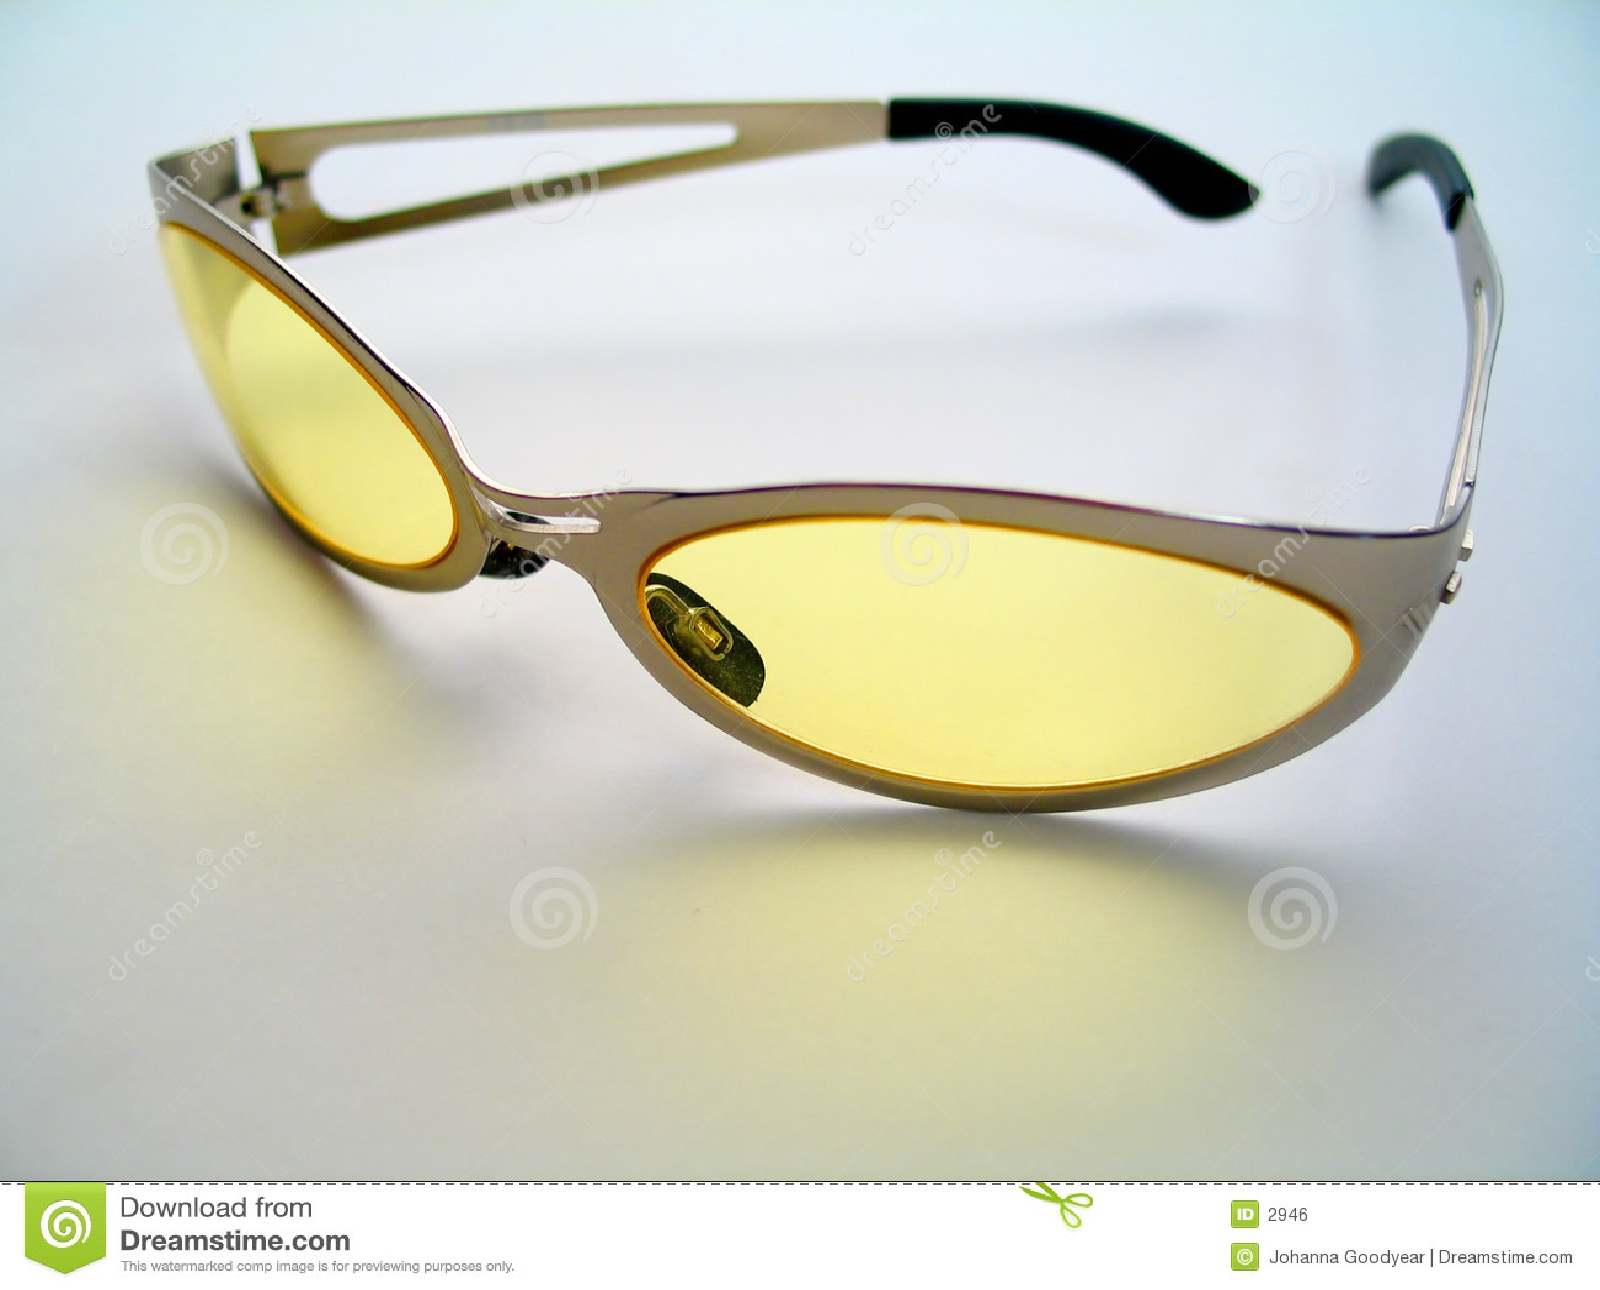 Jaunissez les lunettes de soleil teintées